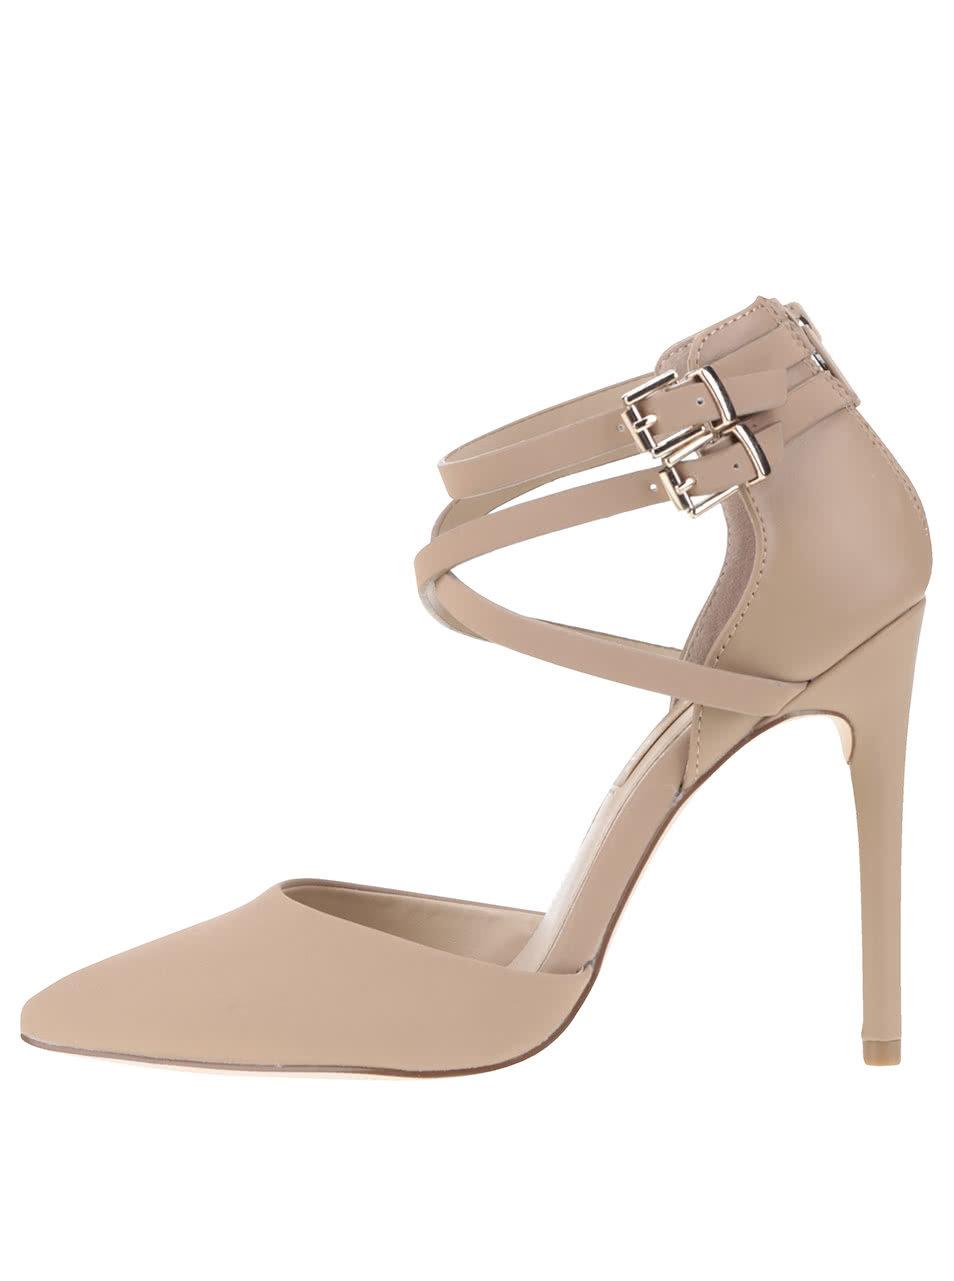 Béžové sandálky s páskem na jehlovém podpatku Miss Selfridge ... 3e21eec753